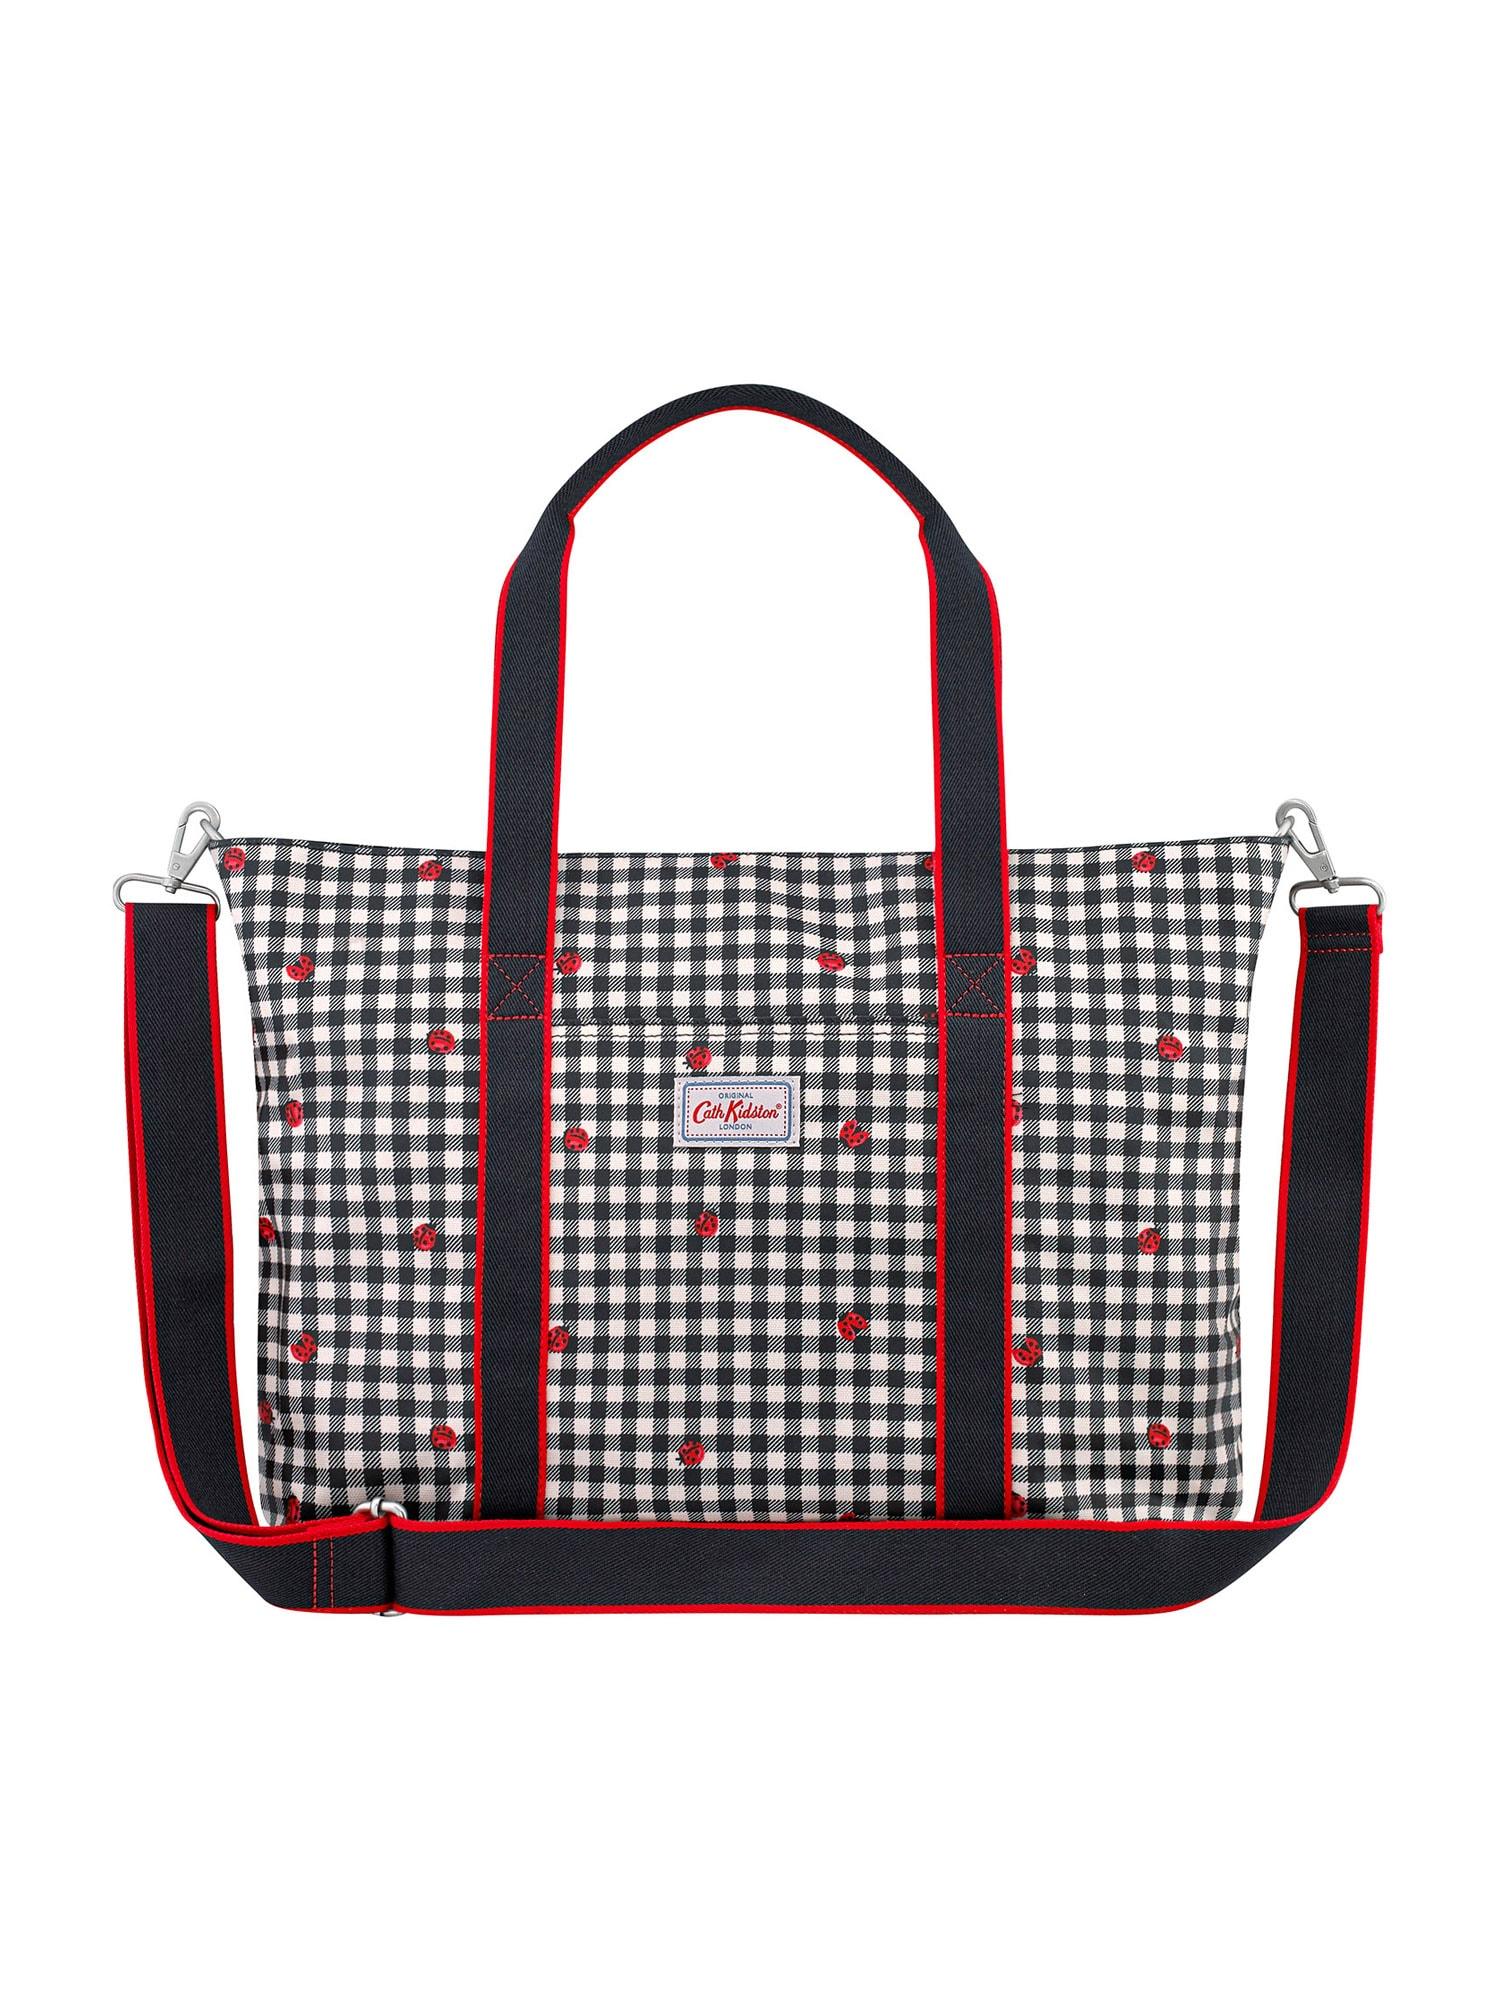 Cath Kidston Mamos krepšys šviesiai pilka / raudona / juoda